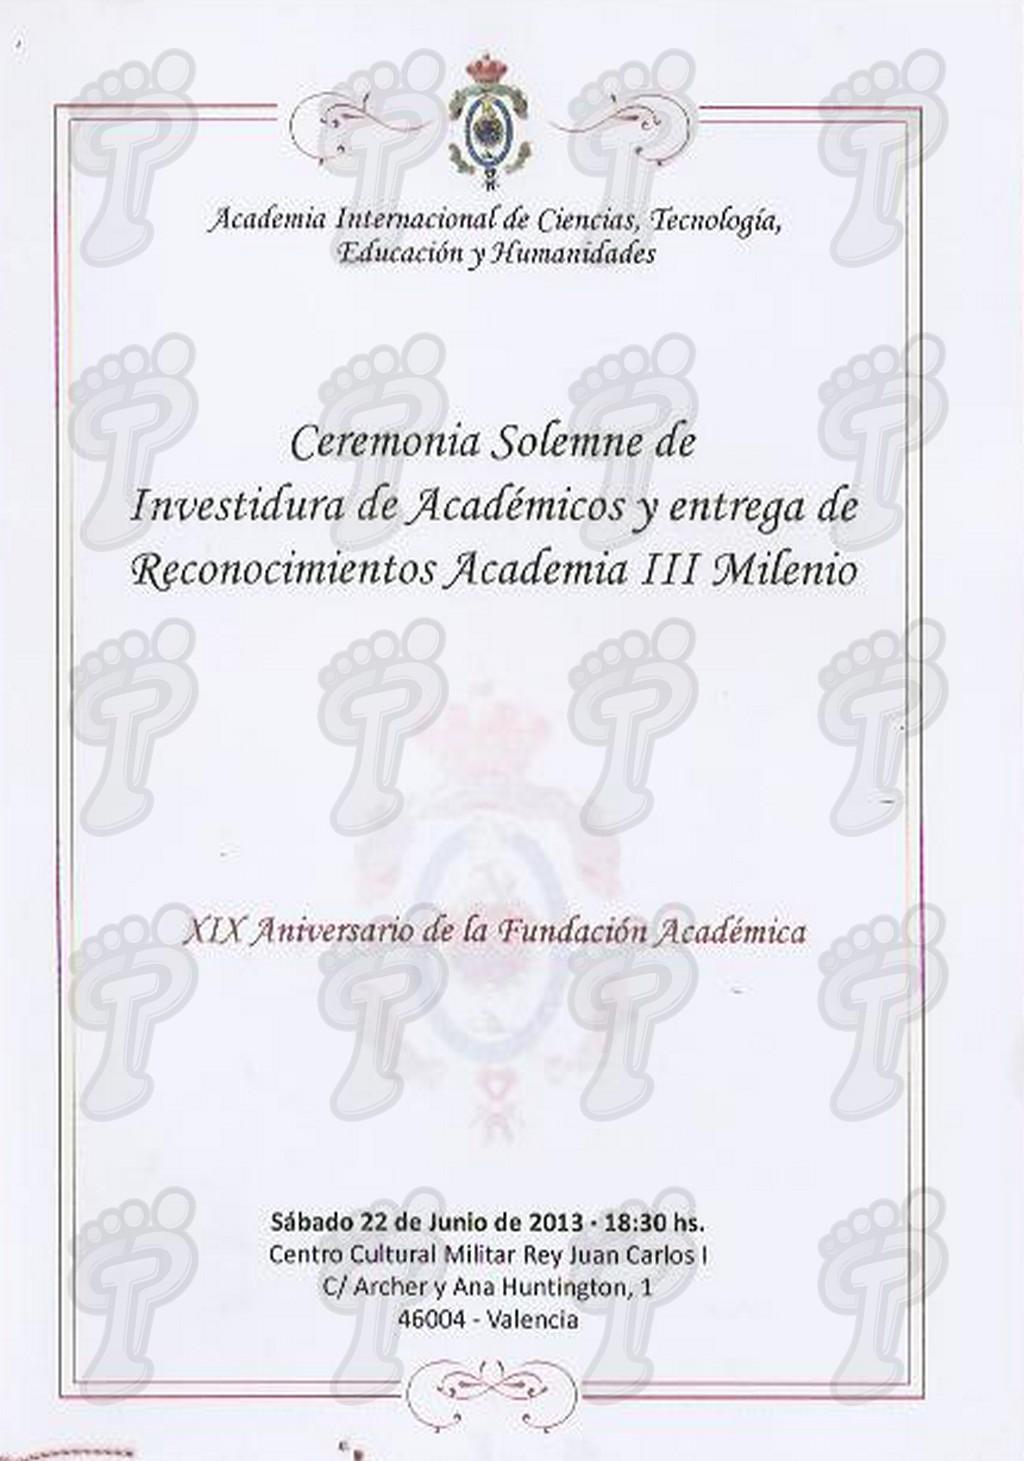 Ceremonia solemne de la Academia Internacional de Ciencias y Tecnología, 2013